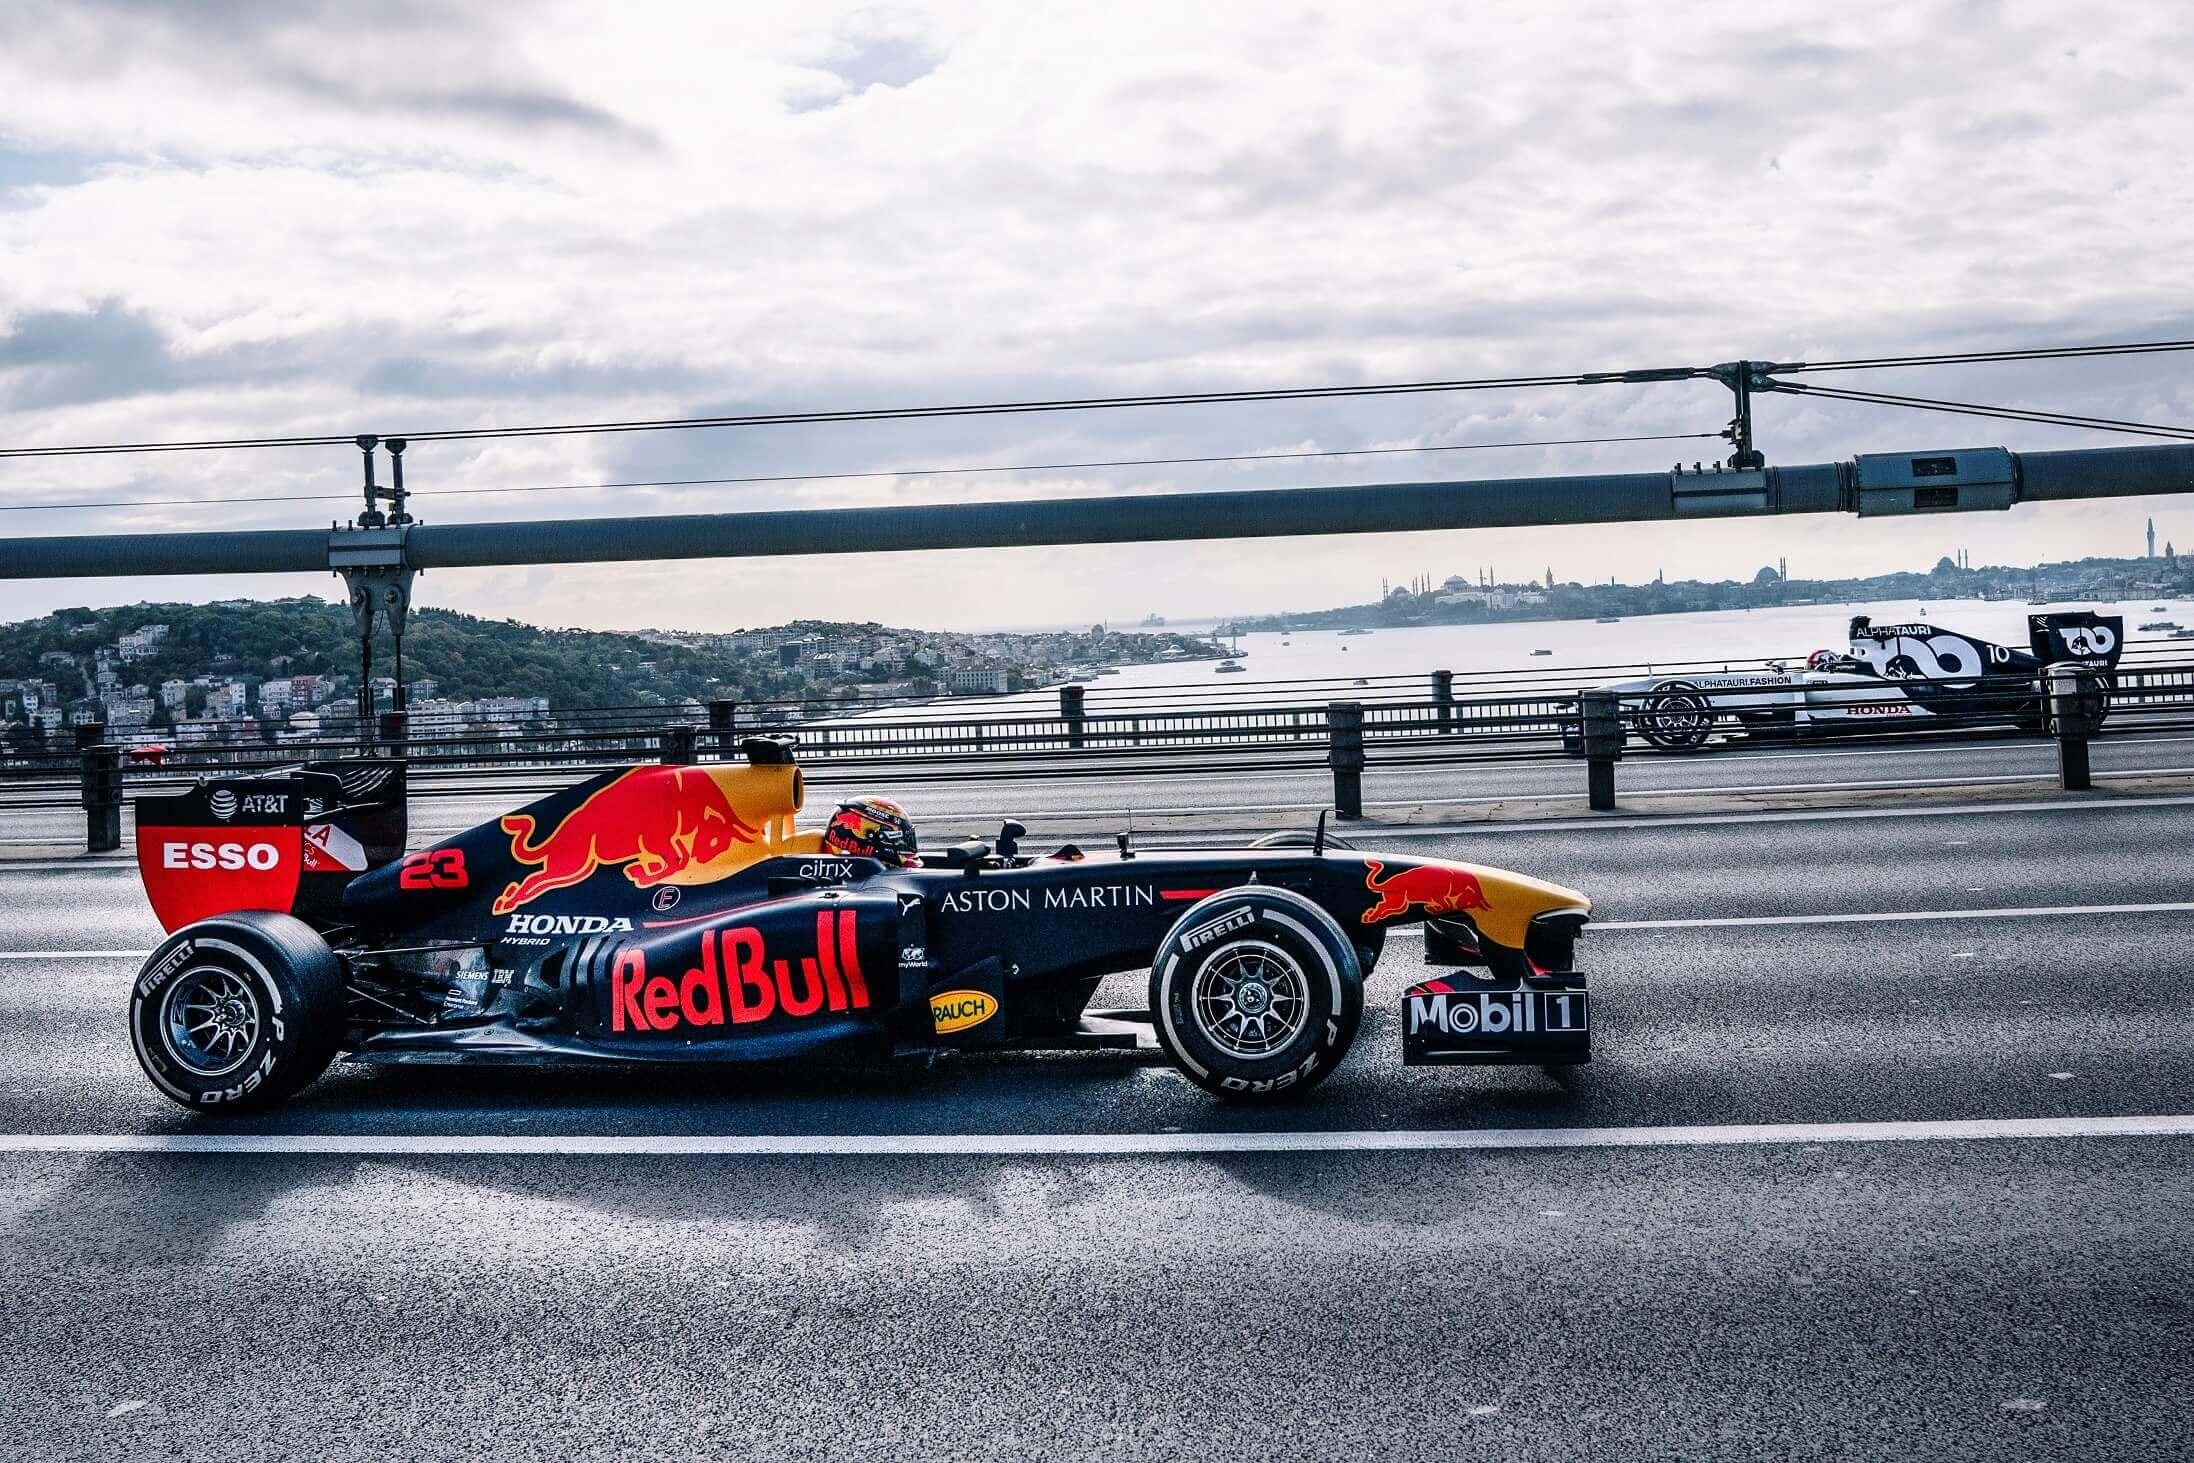 İstanbul'daki F1 Gösterisi Tüm Dünyada Yayında